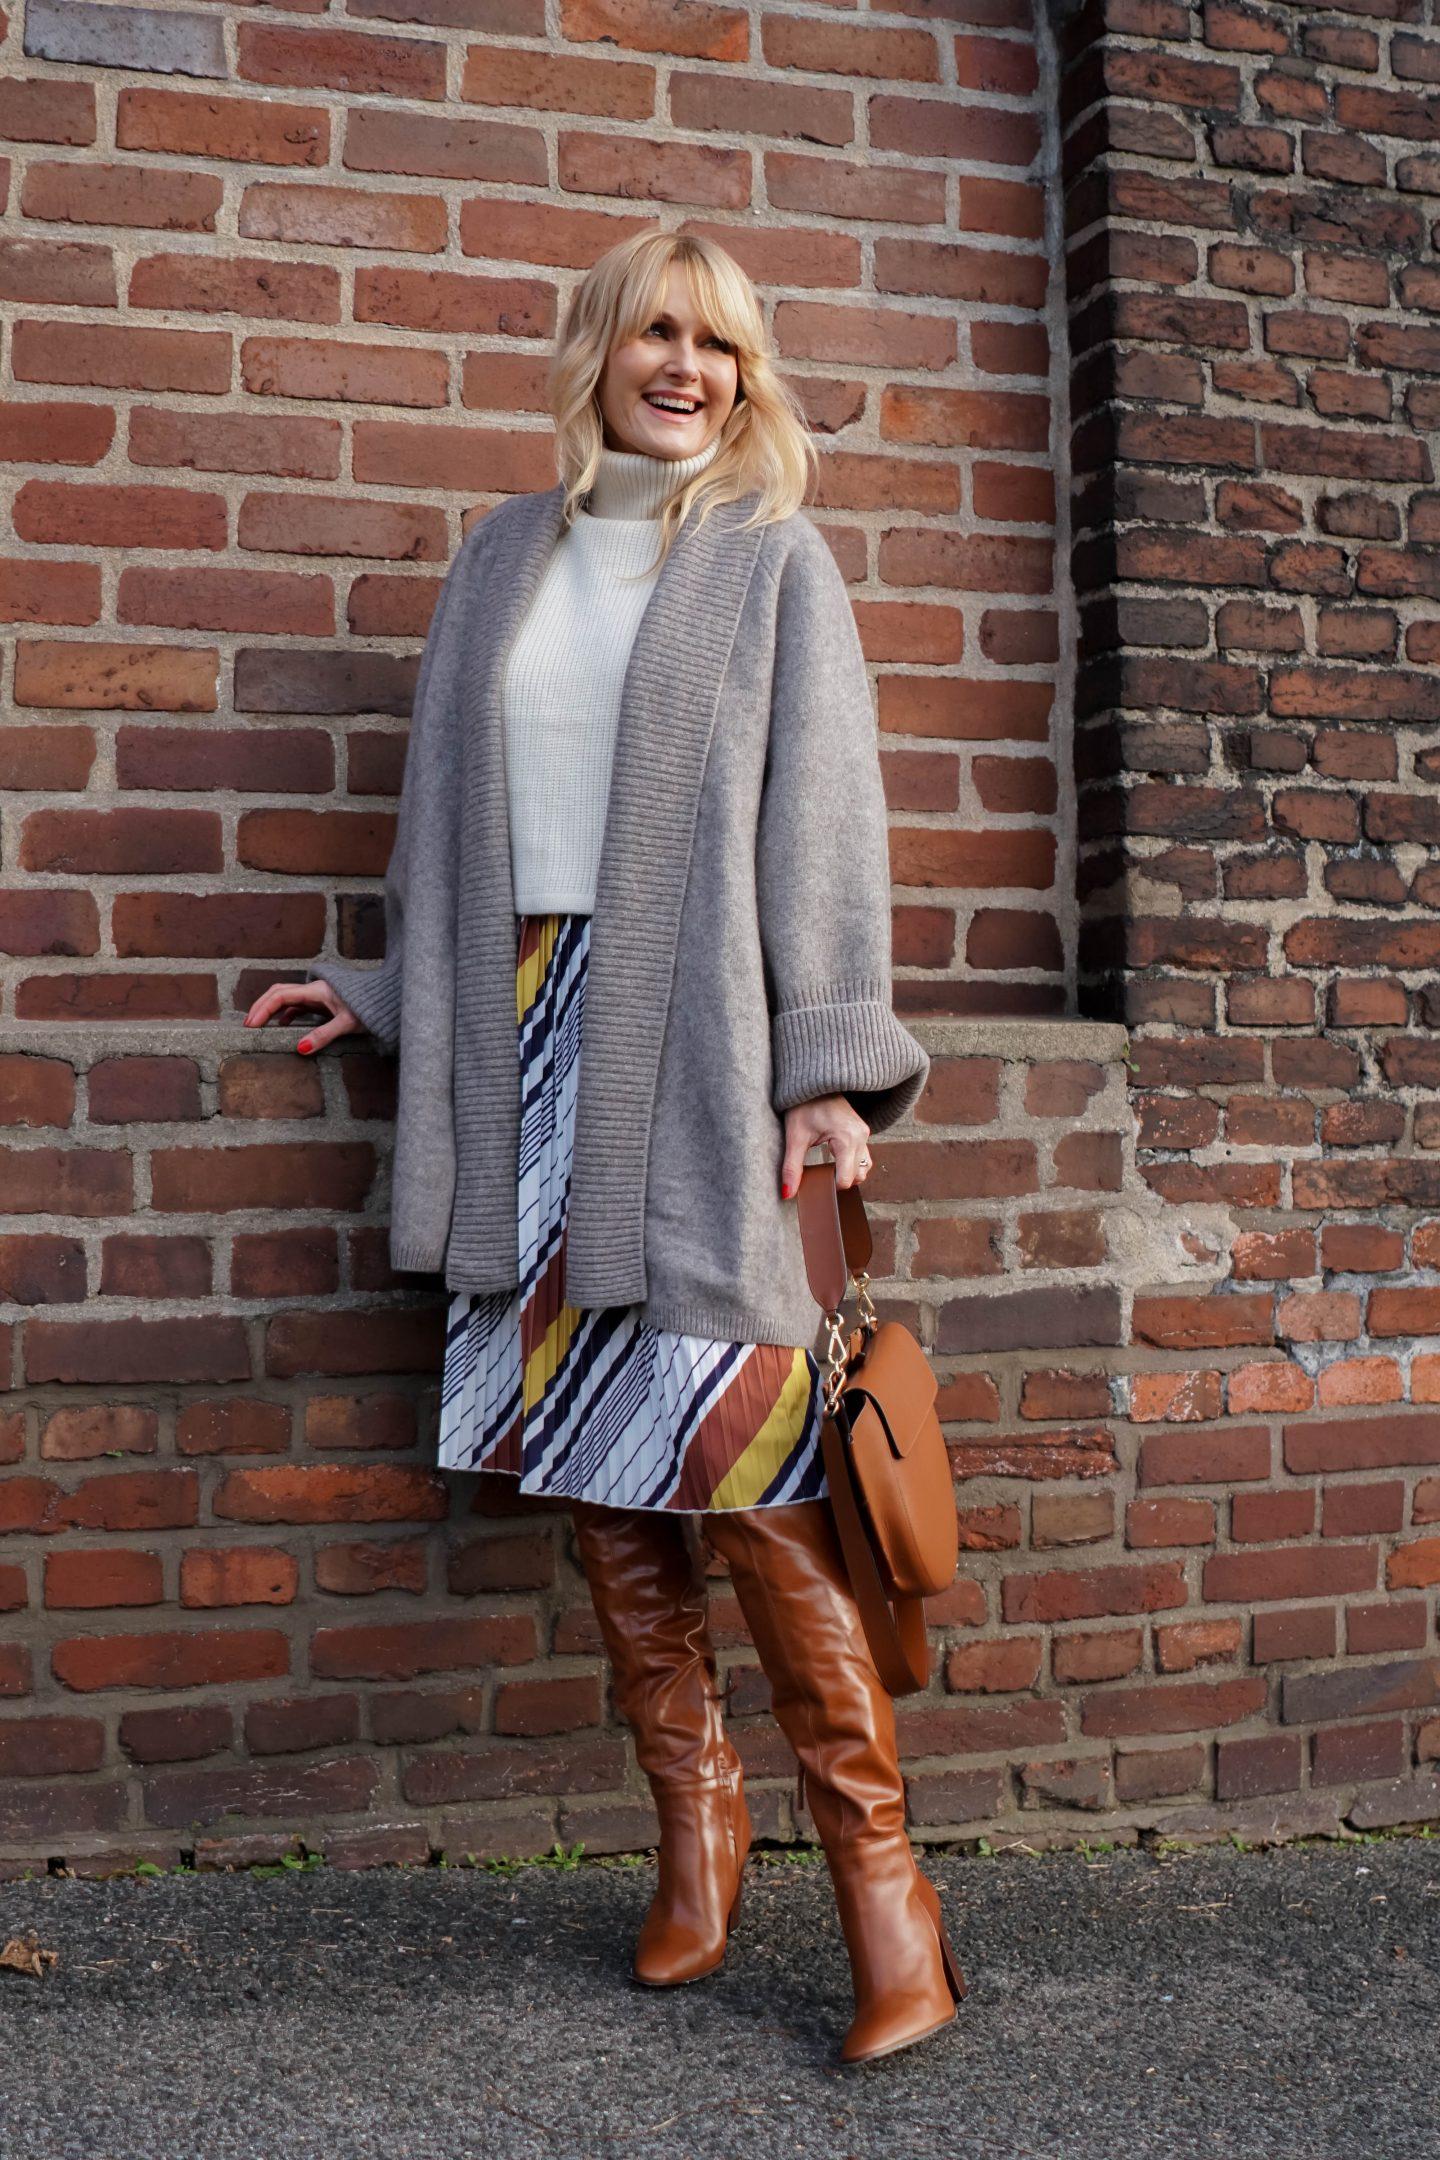 Kleid von Amy Vermont, Wenz winterlich gestylt - Nowshine Fashion Blog -Tasche Wandler -Stiefel und Cadigan Zara